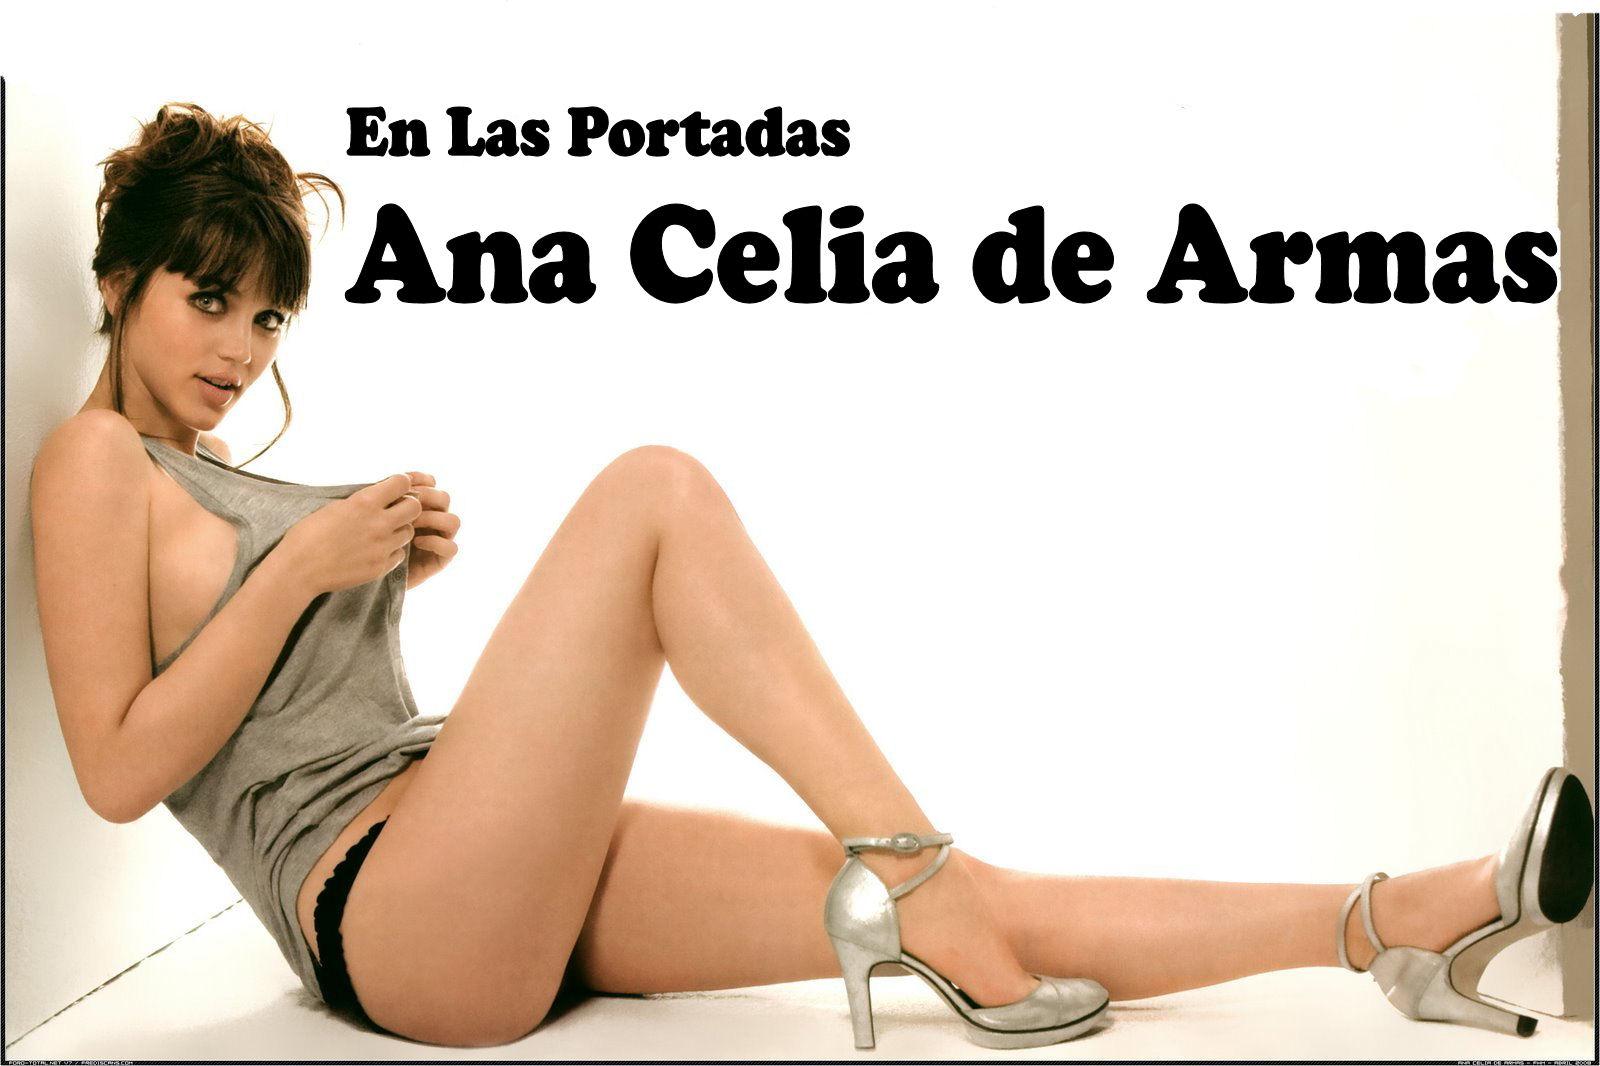 http://3.bp.blogspot.com/-JDhf_qIMxcI/ThNvIQS9YII/AAAAAAAAAYM/Ea-701aZ1So/s1600/Ana+Celia+de+Armas+1.jpg